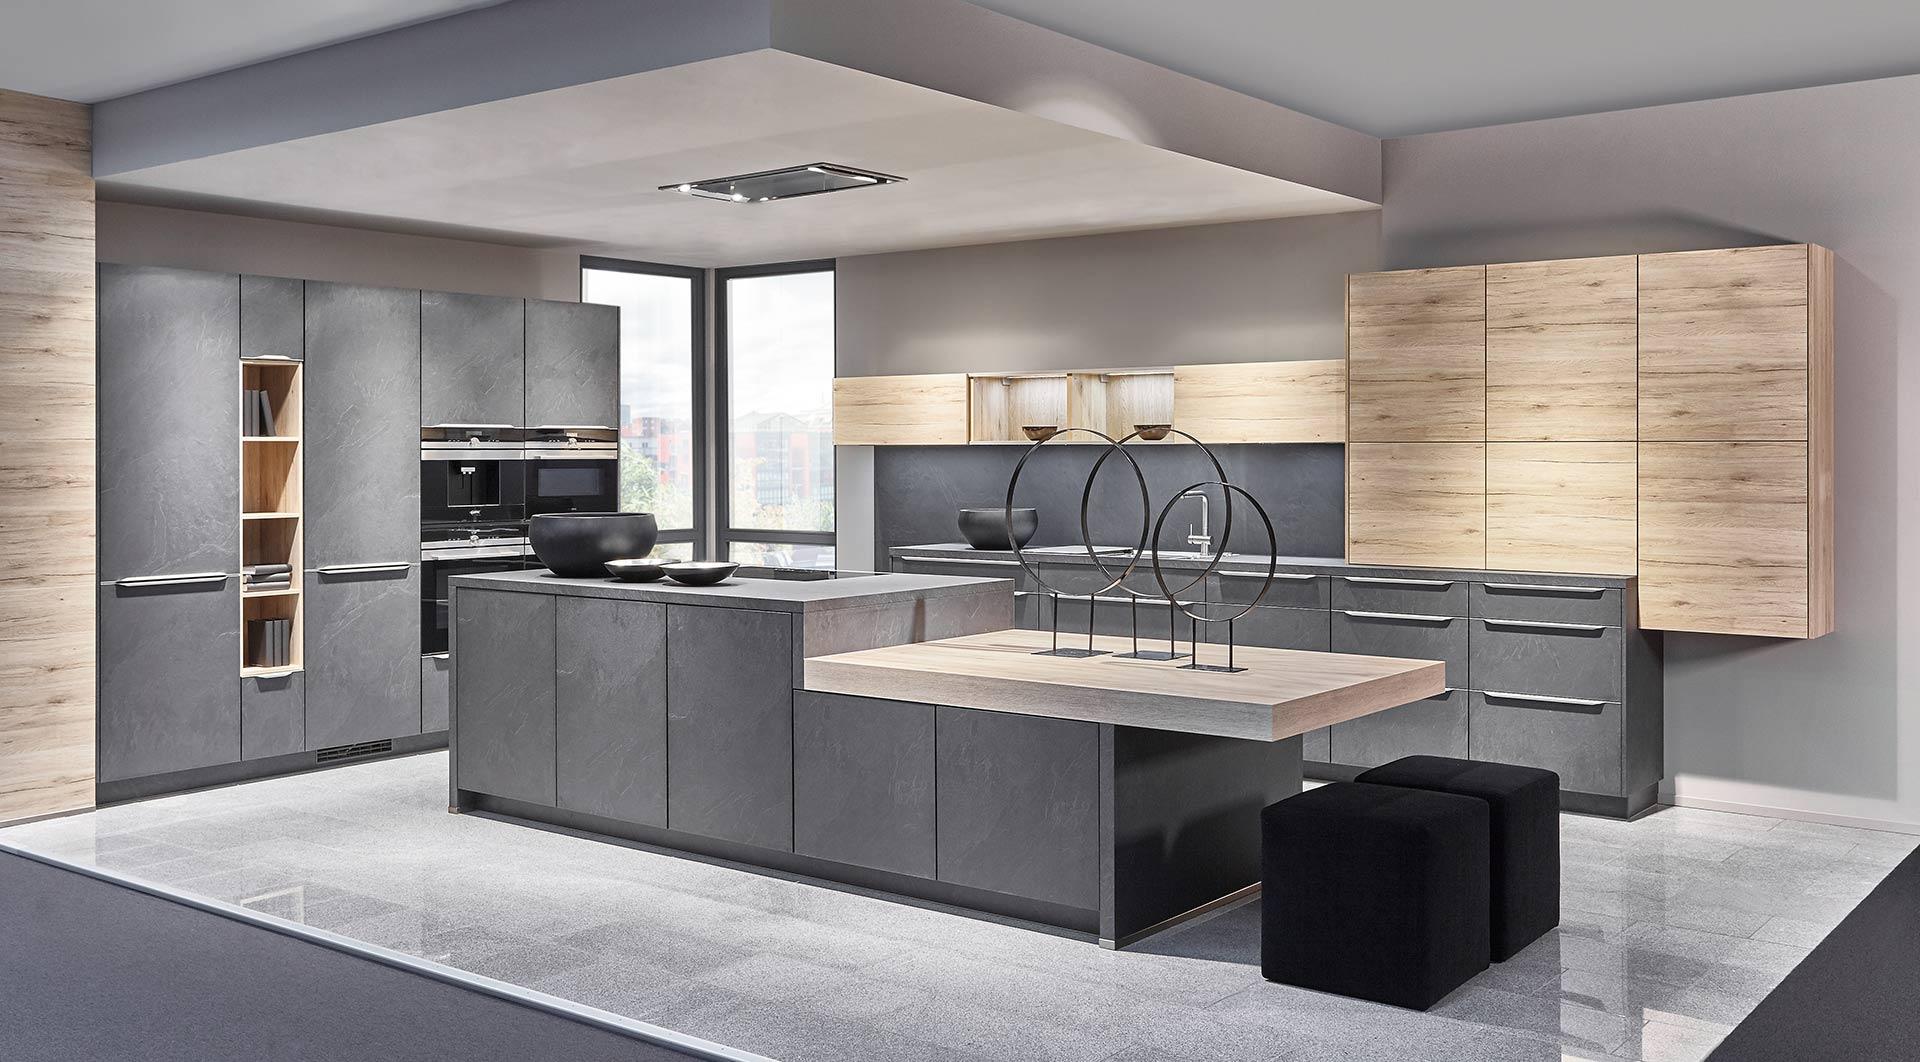 design 2018. Black Bedroom Furniture Sets. Home Design Ideas